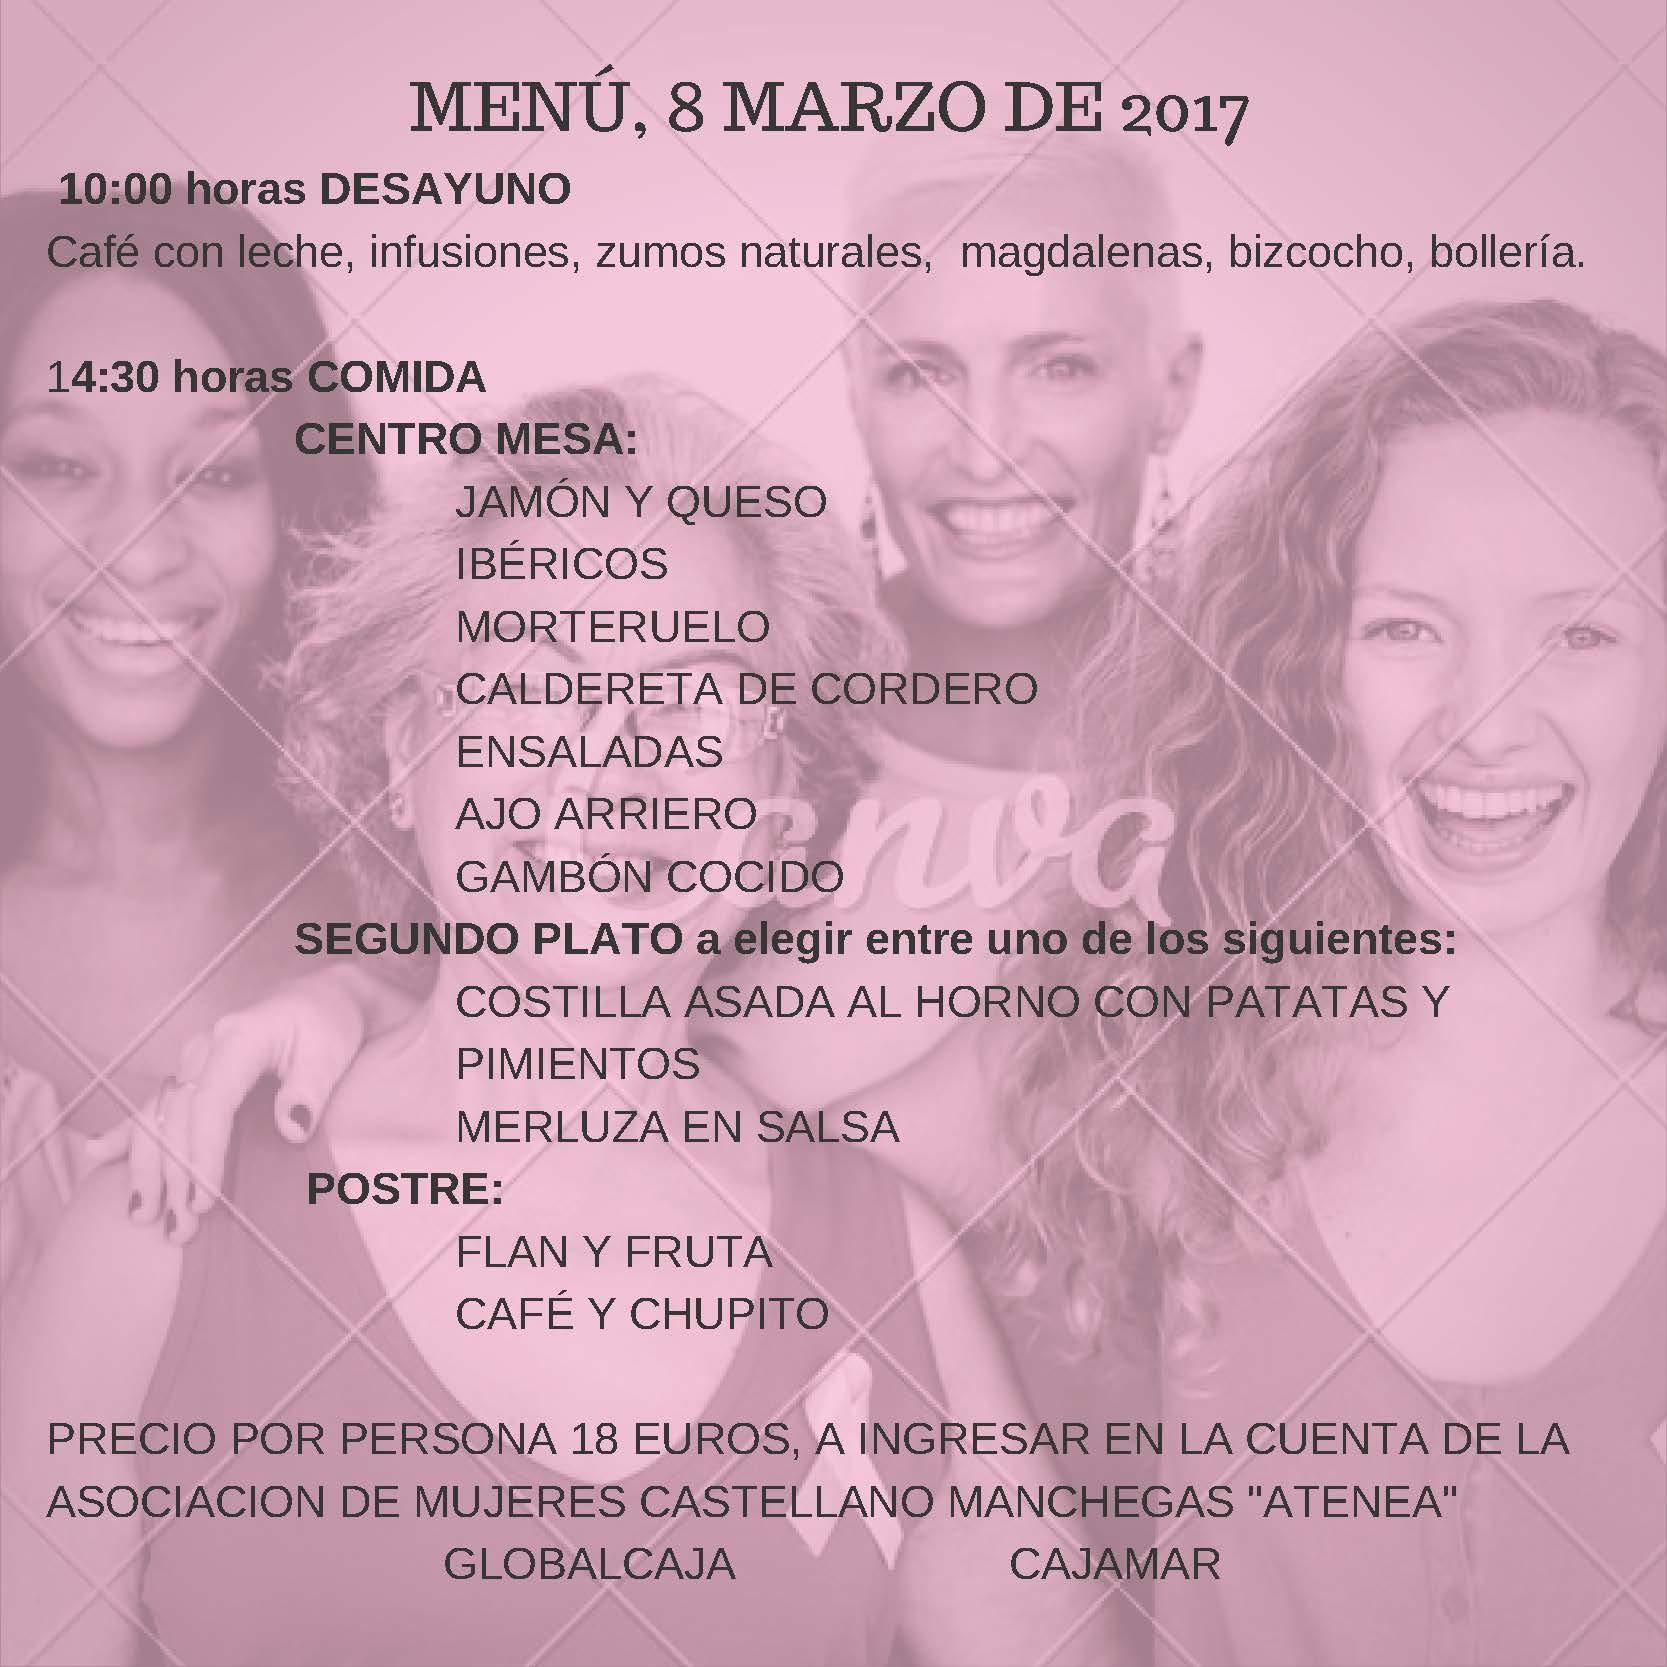 8 MARZO PDF_Página_2